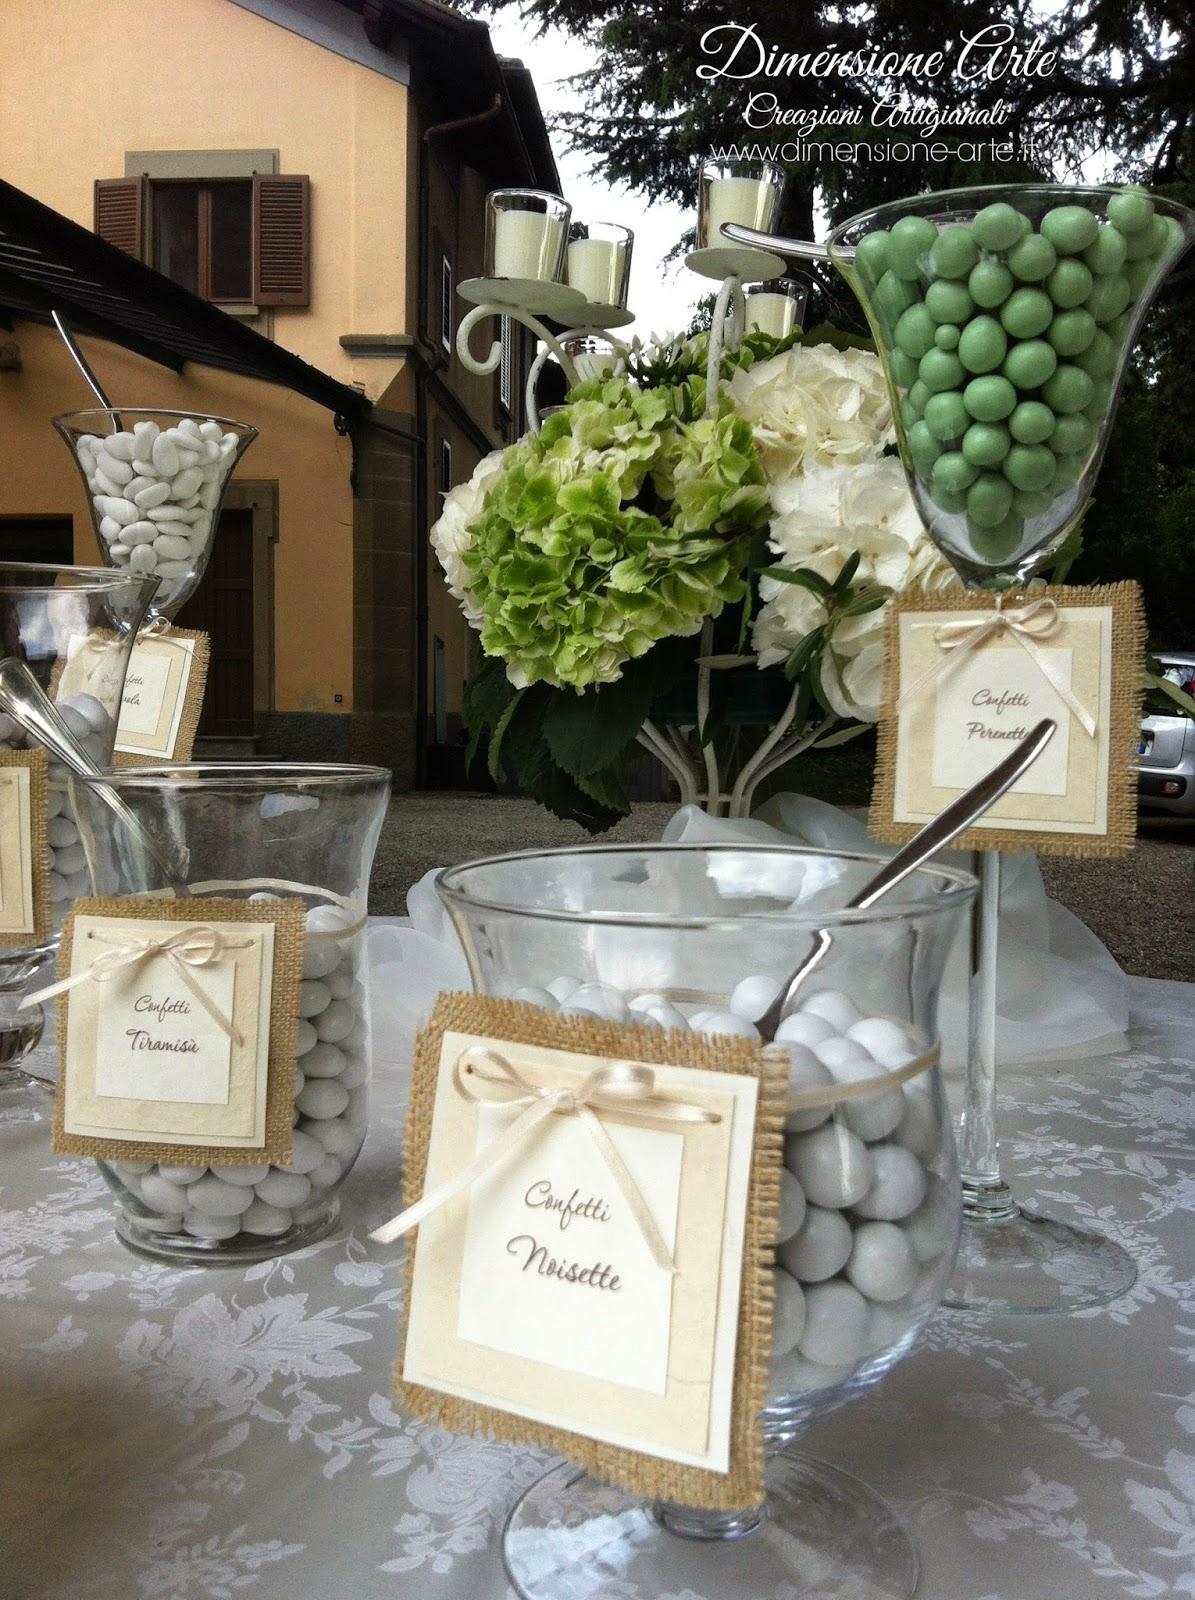 Tableau Matrimonio Rustico : Dimensione arte creazioni artigianali matrimonio